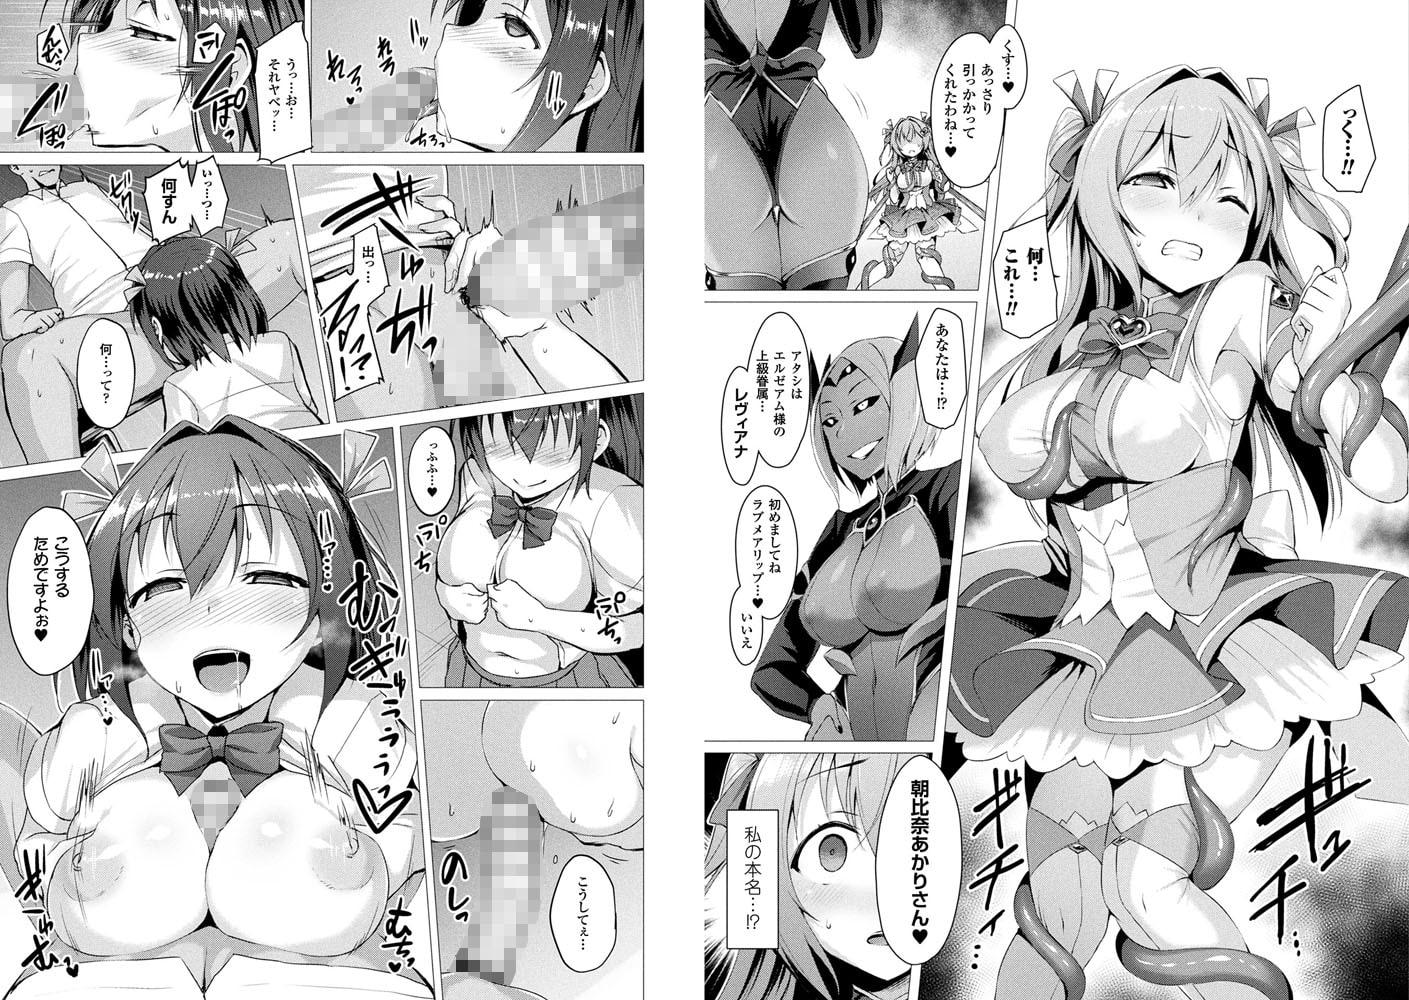 愛聖天使ラブメアリー ~悪性受胎~ (キルタイムコミュニケーション) DLsite提供:成年コミック – 単行本